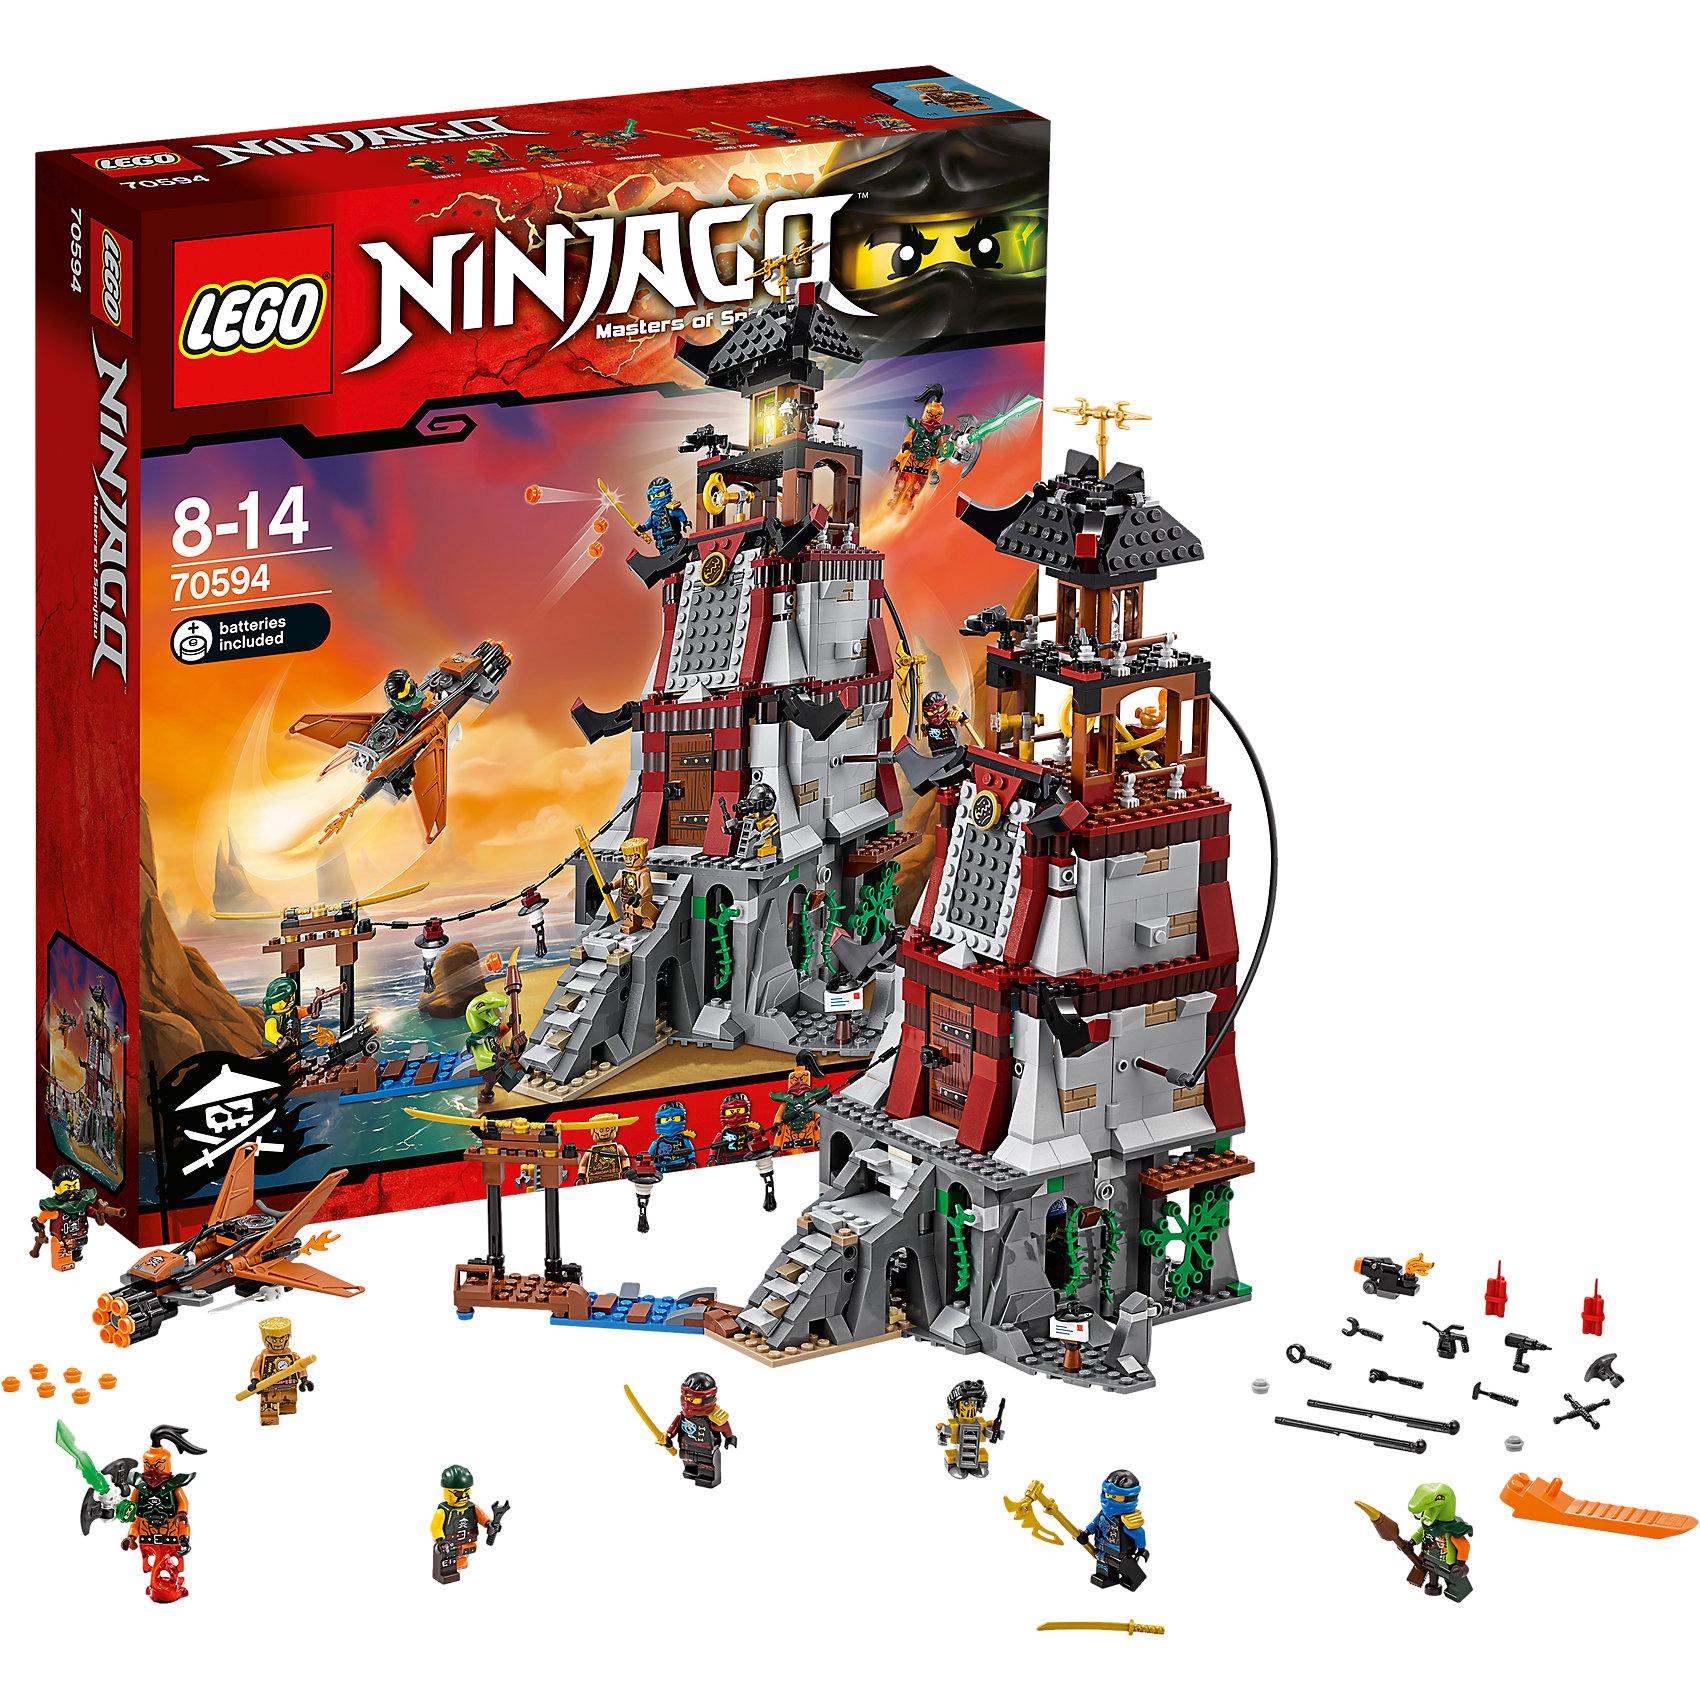 LEGO NINJAGO 70594: Осада маякаПластмассовые конструкторы<br>Характеристики:<br><br>• Предназначение: набор для конструирования, сюжетно-ролевые игры<br>• Пол: для мальчиков<br>• Материал: пластик<br>• Цвет: серый, коричневый, черный, зеленый, желтый<br>• Серия LEGO: NINJAGO<br>• Размер упаковки (Д*Ш*В): 37,5*10*32,5 см<br>• Вес: 1 кг 300 г<br>• Количество деталей: 767 шт.<br>• Наличие двигающихся, вращающихся и открывающихся элементов<br>• Комплектация: детали для маяка, ловушек, тюремной камеры, 8 мини-фигурок<br>• Батарейки: 2 шт. типа LR41 (предусмотрены в комплекте)<br><br>LEGO NINJAGO 70594: Осада маяка – набор от всемирно известного производителя конструкторов для детей всех возрастных категорий. LEGO NINJAGO 70594: Осада маяка является набором серии NINJAGO, который может быть как базовым, так и дополнительным к другим моделям серии. Набор включает в себя детали для сборки маяка со множеством ловушек и тюремной камерой, а также 8 мини-фигурок. В комплекте предусмотрена яркая инструкция, которая научит вашего ребенка действовать по образцу. <br>Игры с конструкторами LEGO развивают усидчивость, внимательность, мелкую моторику рук, способствуют формированию конструкторского мышления. С набором LEGO NINJAGO 70594: Осада маяка ваш ребенок сможет придумывать целые сюжетные истории, развивая тем самым воображение и обогащая свой словарный запас. <br><br>LEGO NINJAGO 70594: Осада маяка можно купить в нашем интернет-магазине.<br><br>Ширина мм: 378<br>Глубина мм: 352<br>Высота мм: 100<br>Вес г: 1279<br>Возраст от месяцев: 96<br>Возраст до месяцев: 168<br>Пол: Мужской<br>Возраст: Детский<br>SKU: 4641245